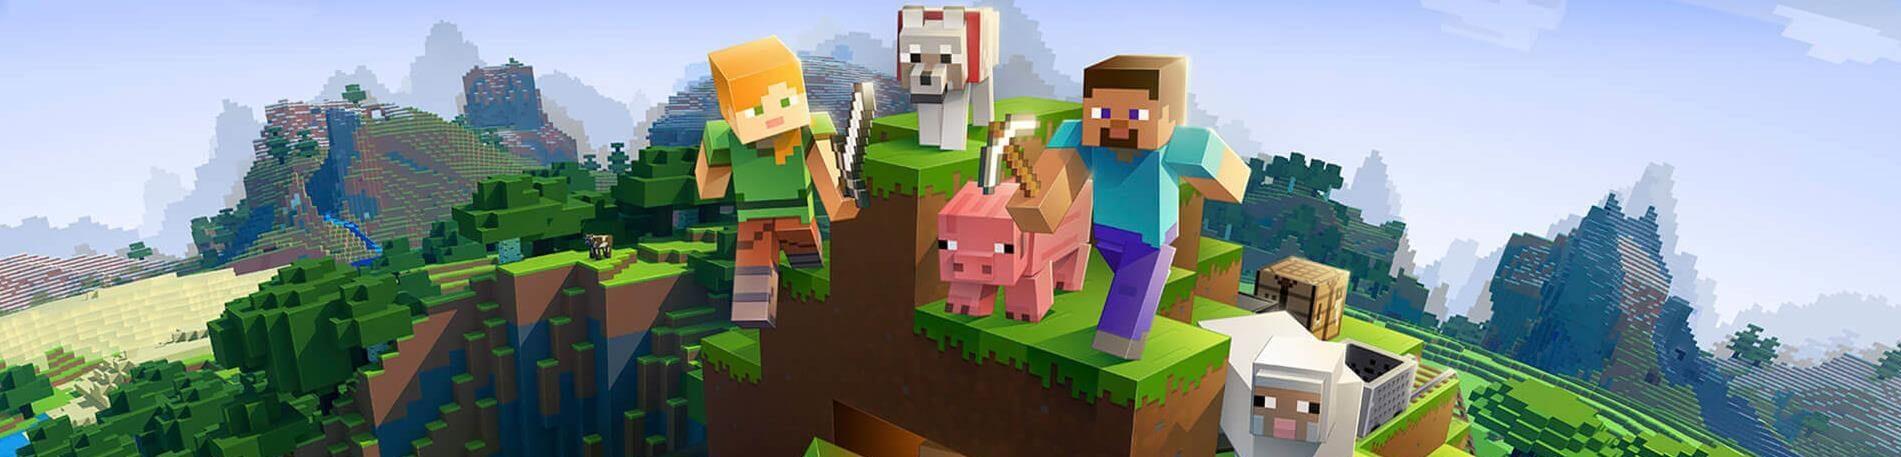 Майнкрафт Онлайн — Mainkraft.Online — Minecraft